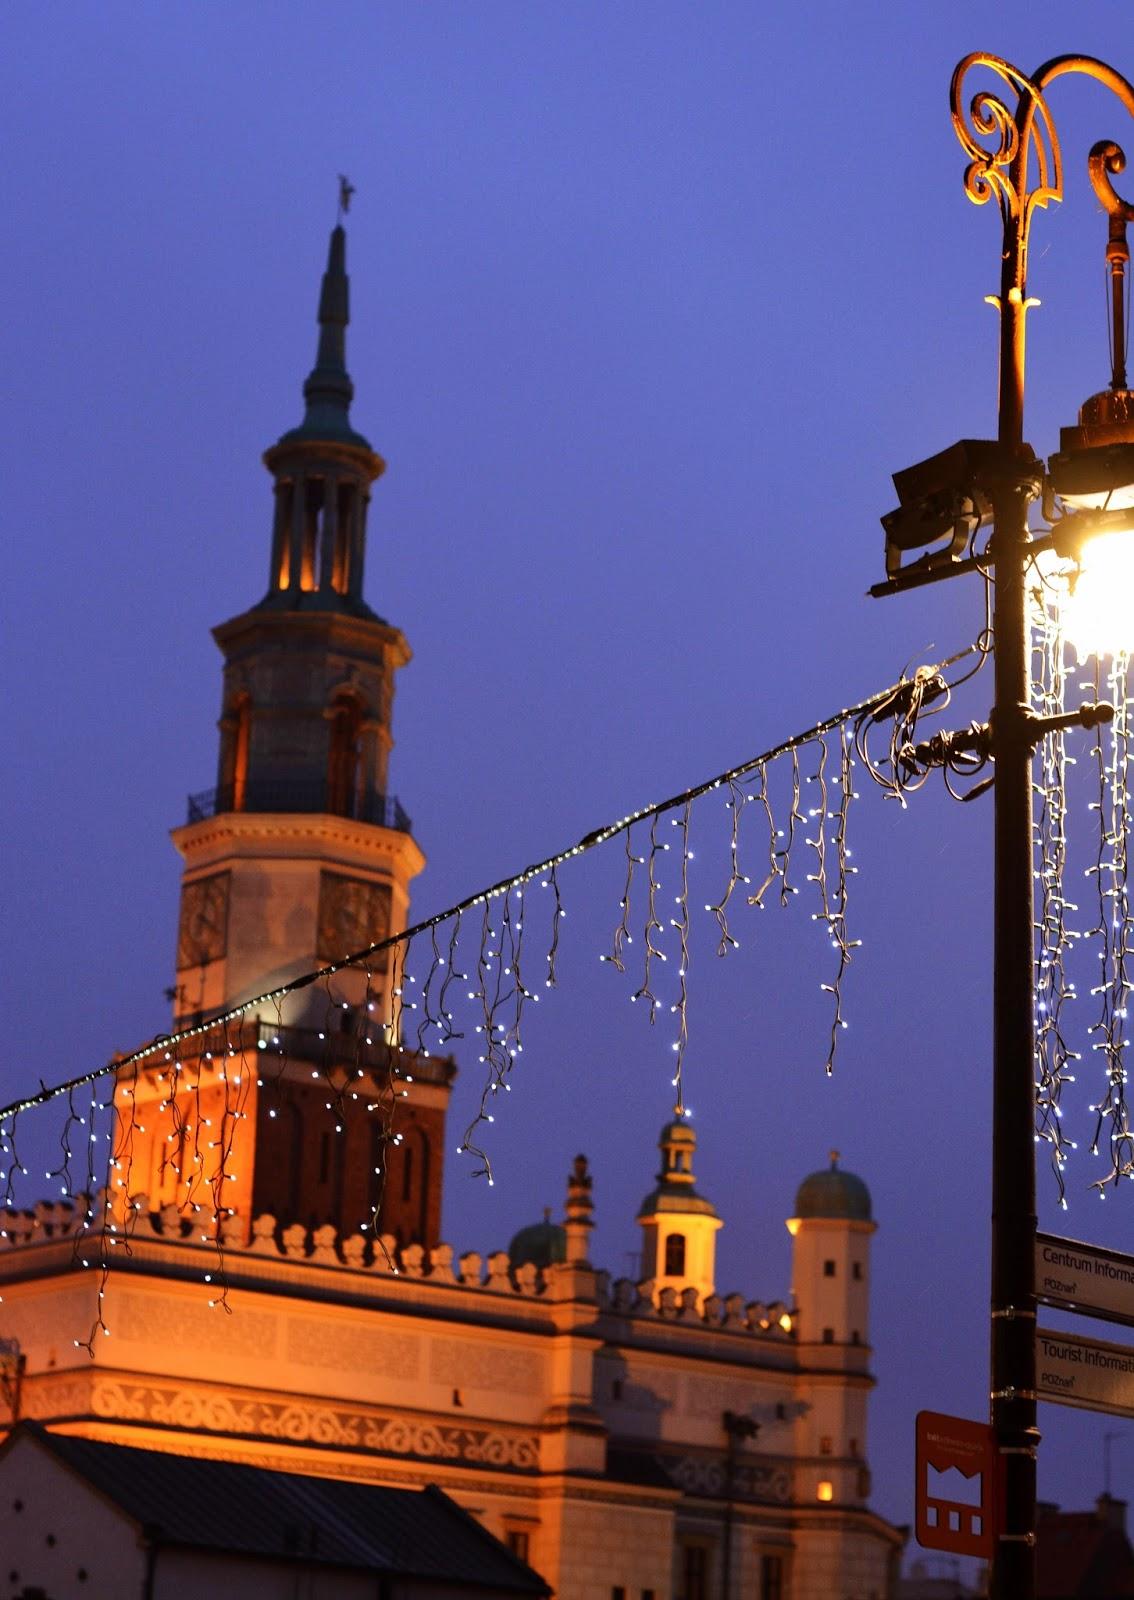 poznan na swieta, swiateczny, posen, polska, lampki, lights, christmas, swieta